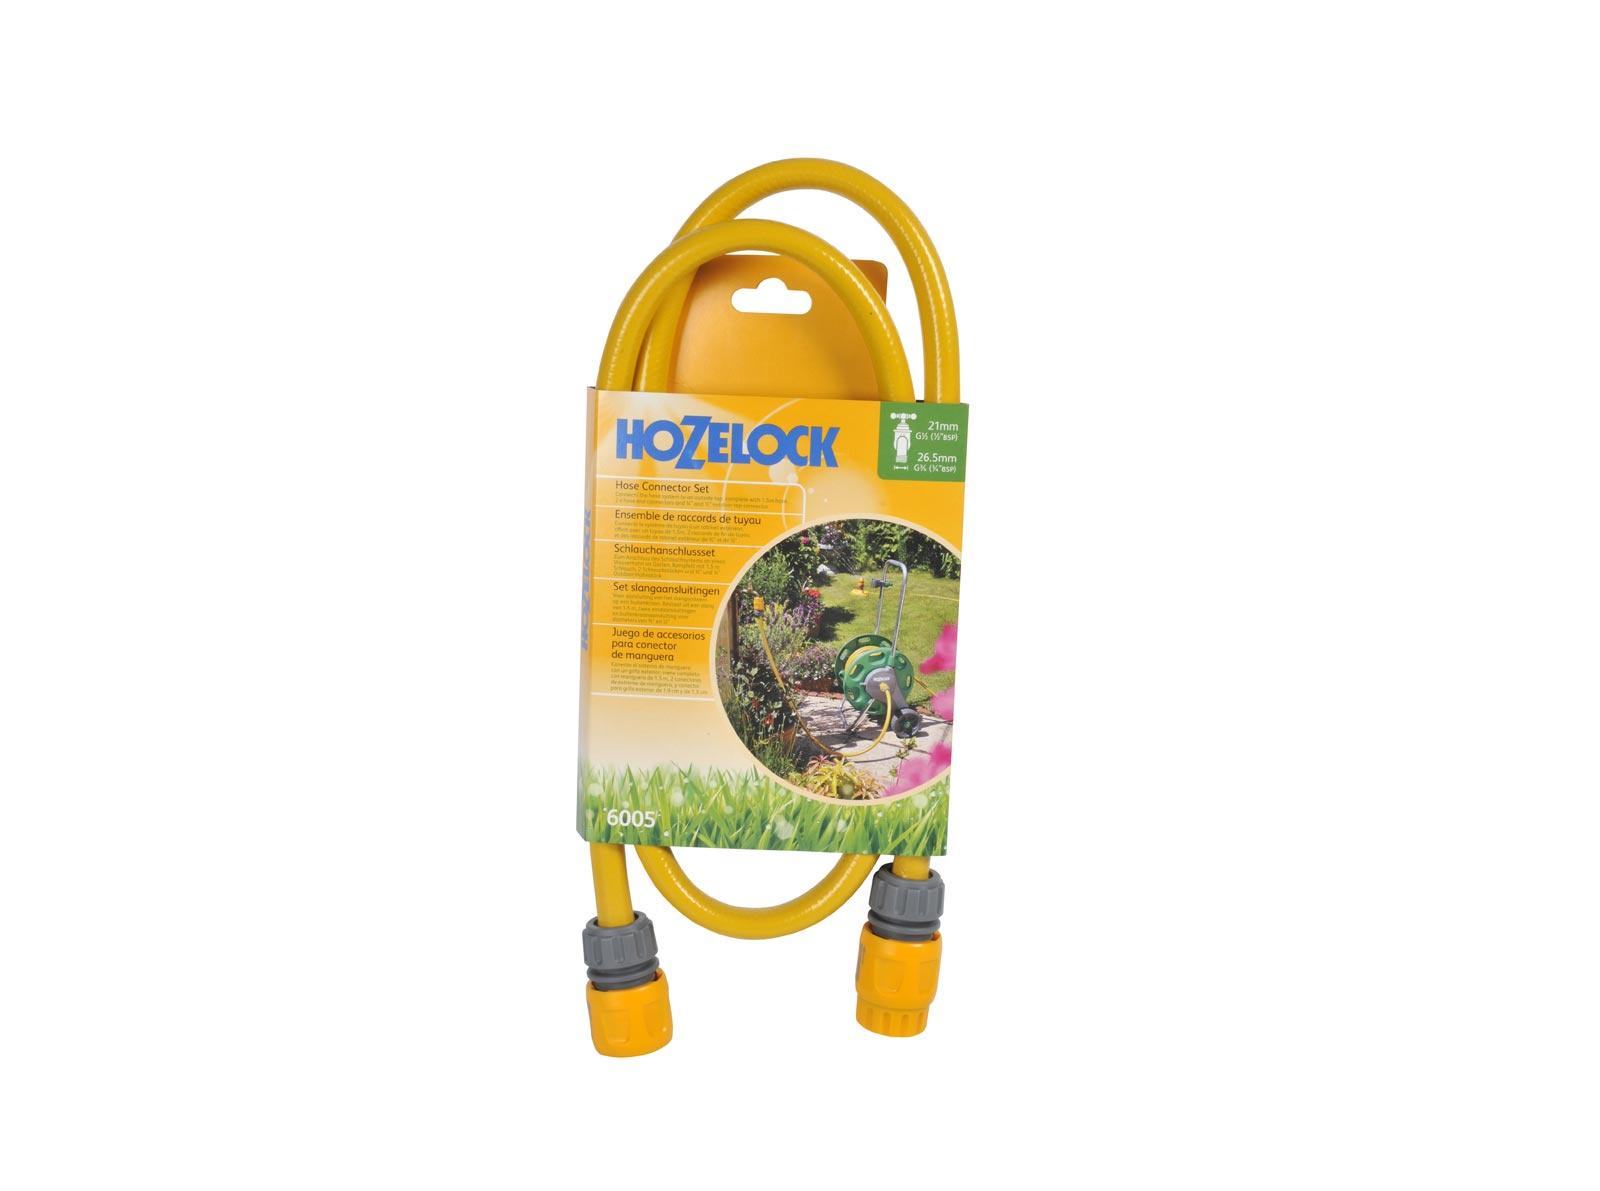 Фото - Коннектор шланга Hozelock 6005 набор соединителей шлангов для подключения катушки/тележки, серый, желтый коннектор двойной для крана hozelock 22560000